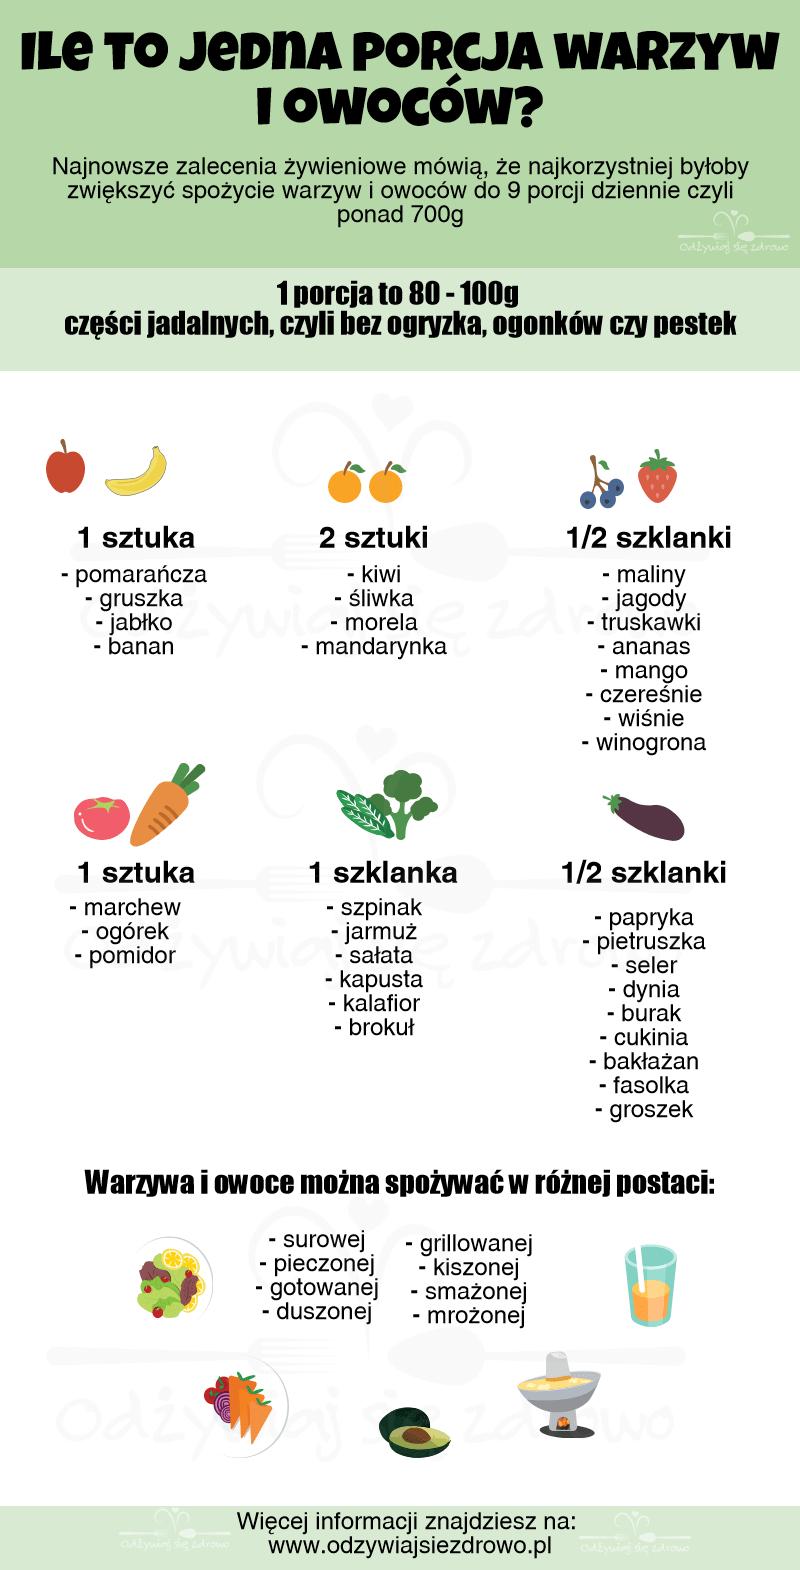 Ile to jedna porcja warzyw i owoców? - schemat